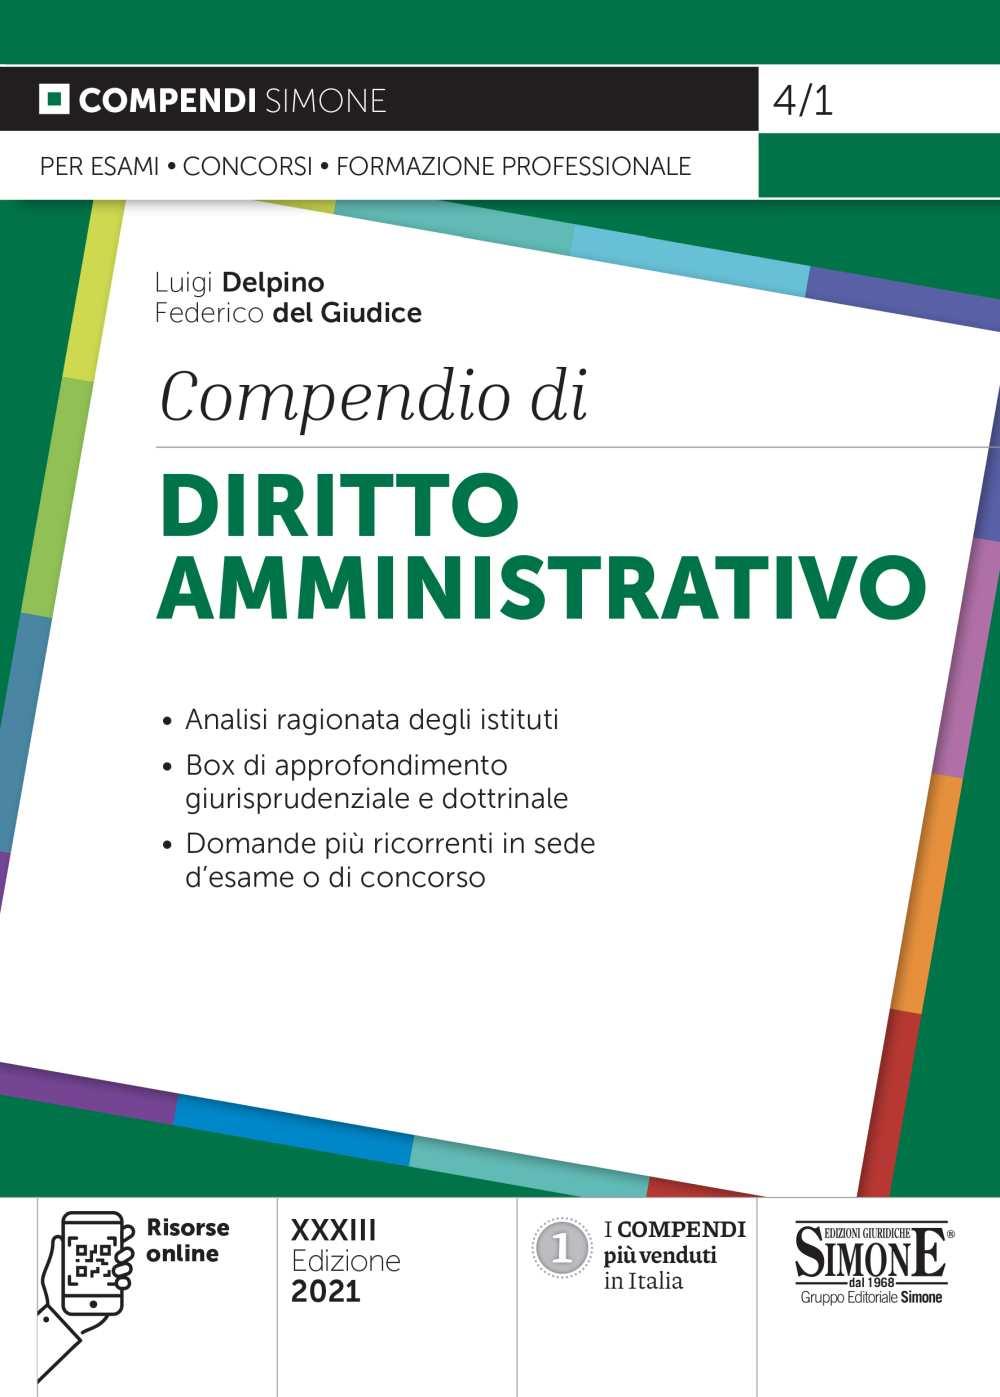 Compendio di Diritto Amministrativo 2021